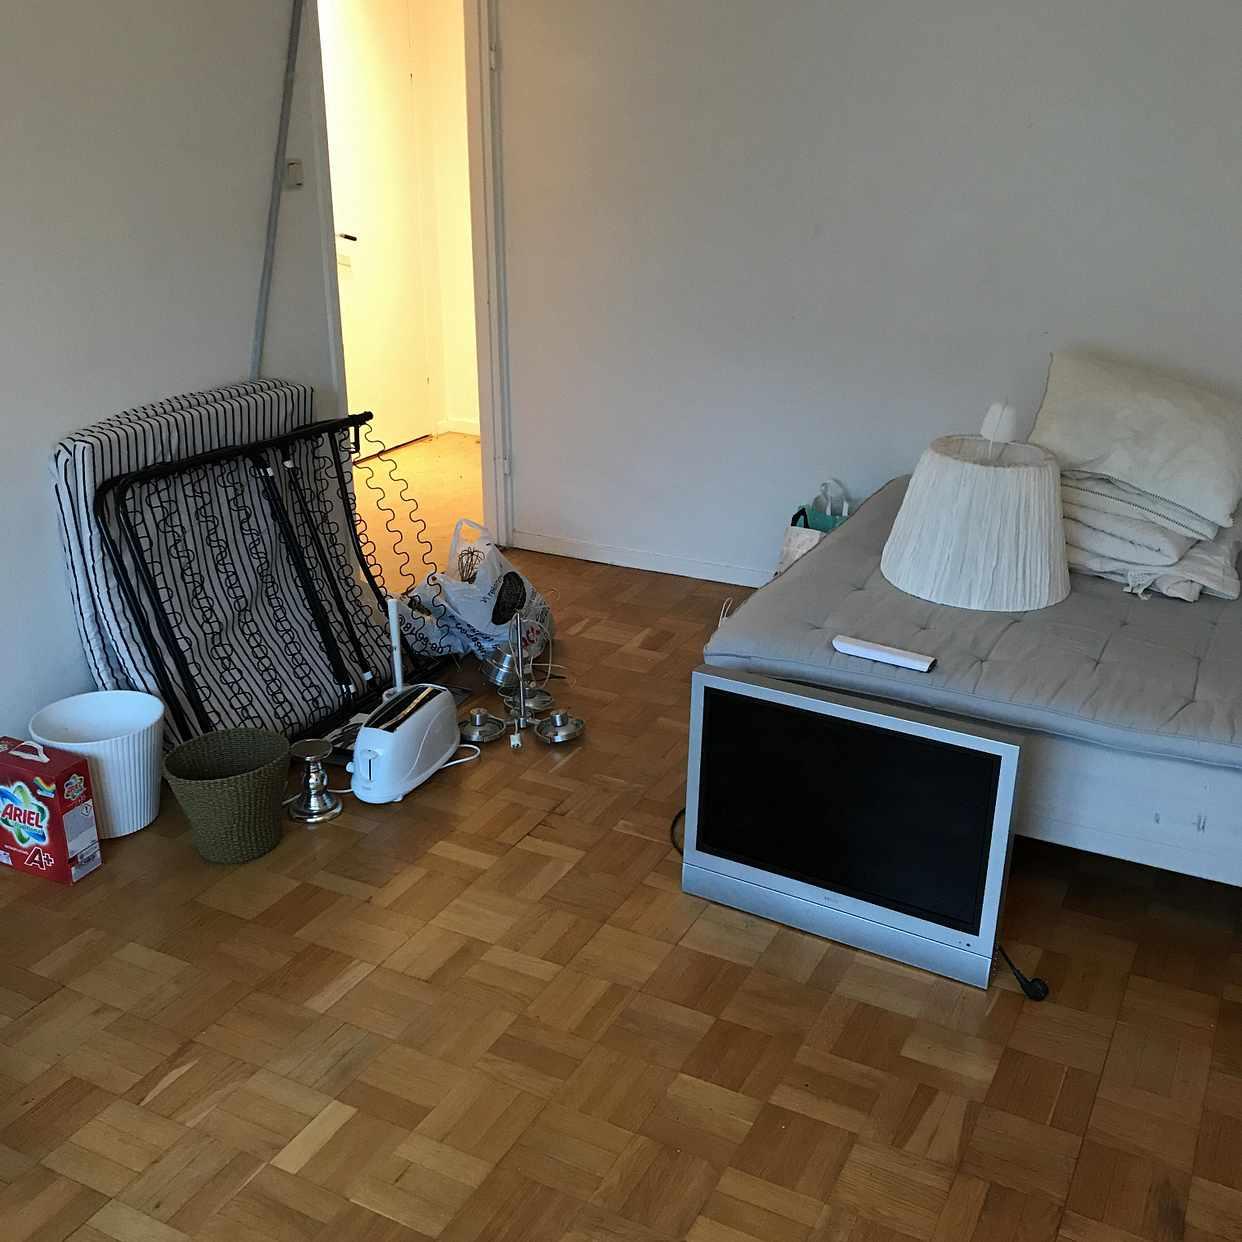 image of TV, säng, extrasäng, m m - Stockholm